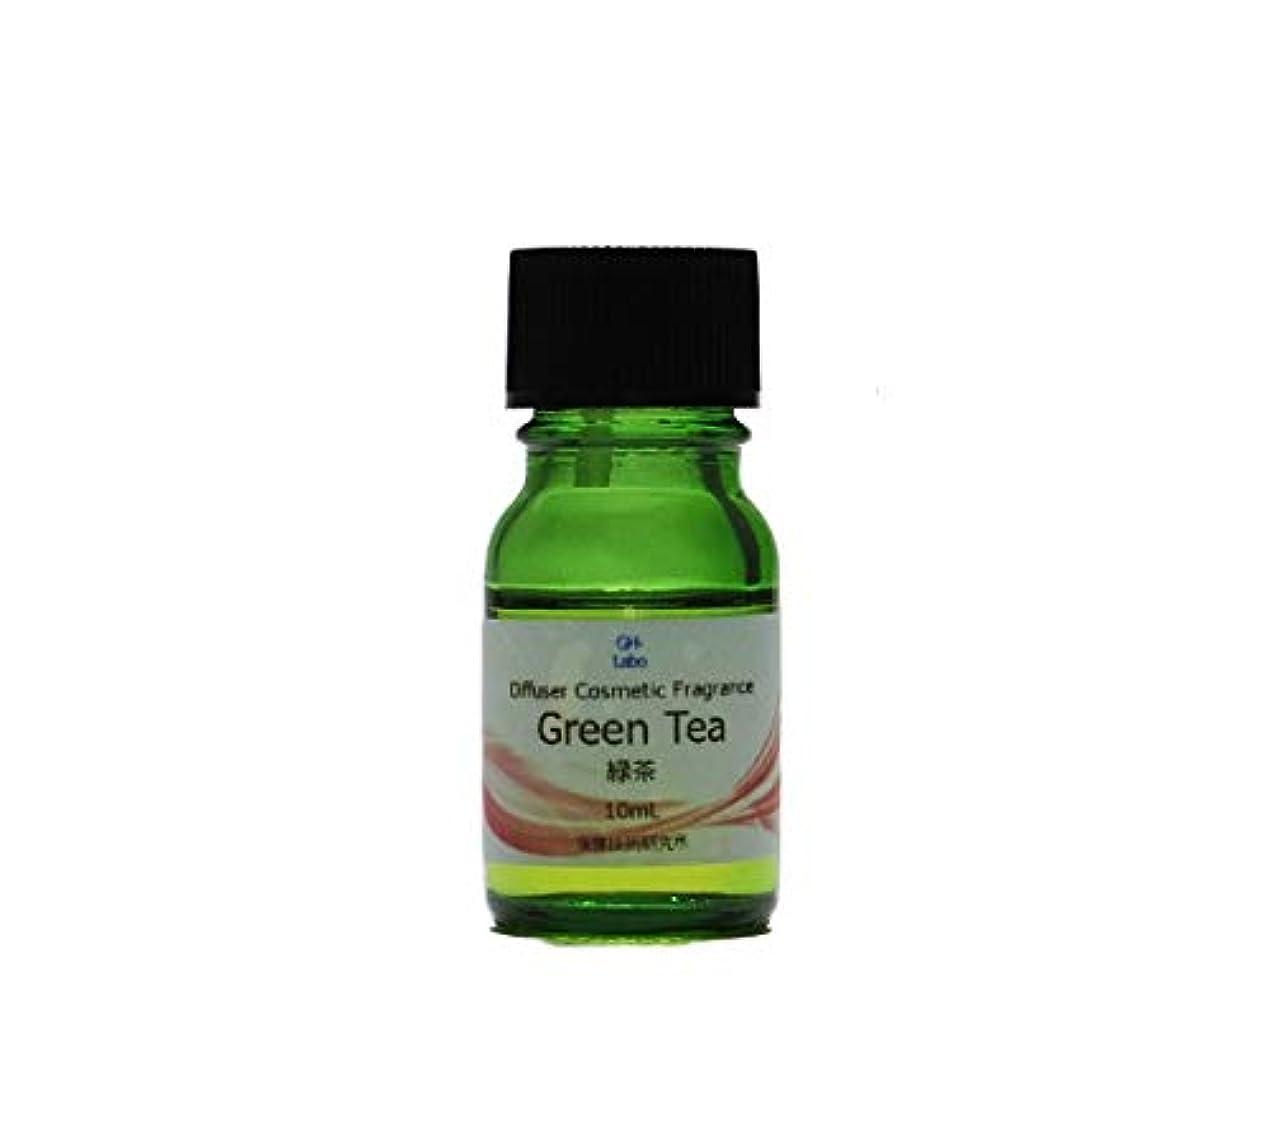 呼び出す写真撮影収束する緑茶 フレグランス 香料 ディフューザー アロマオイル 手作り 化粧品